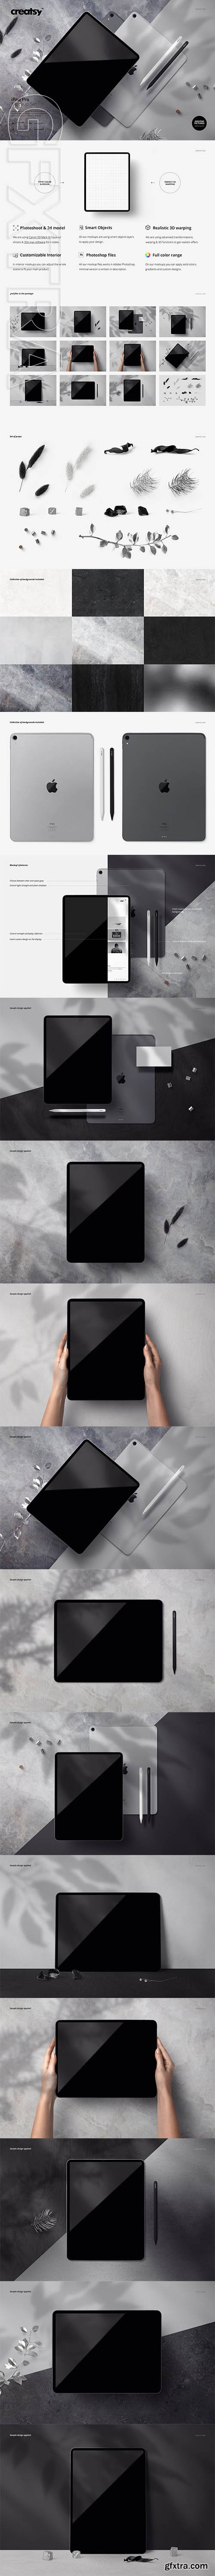 CreativeMarket - iPad Pro Mockup Set 3584628 » GFxtra